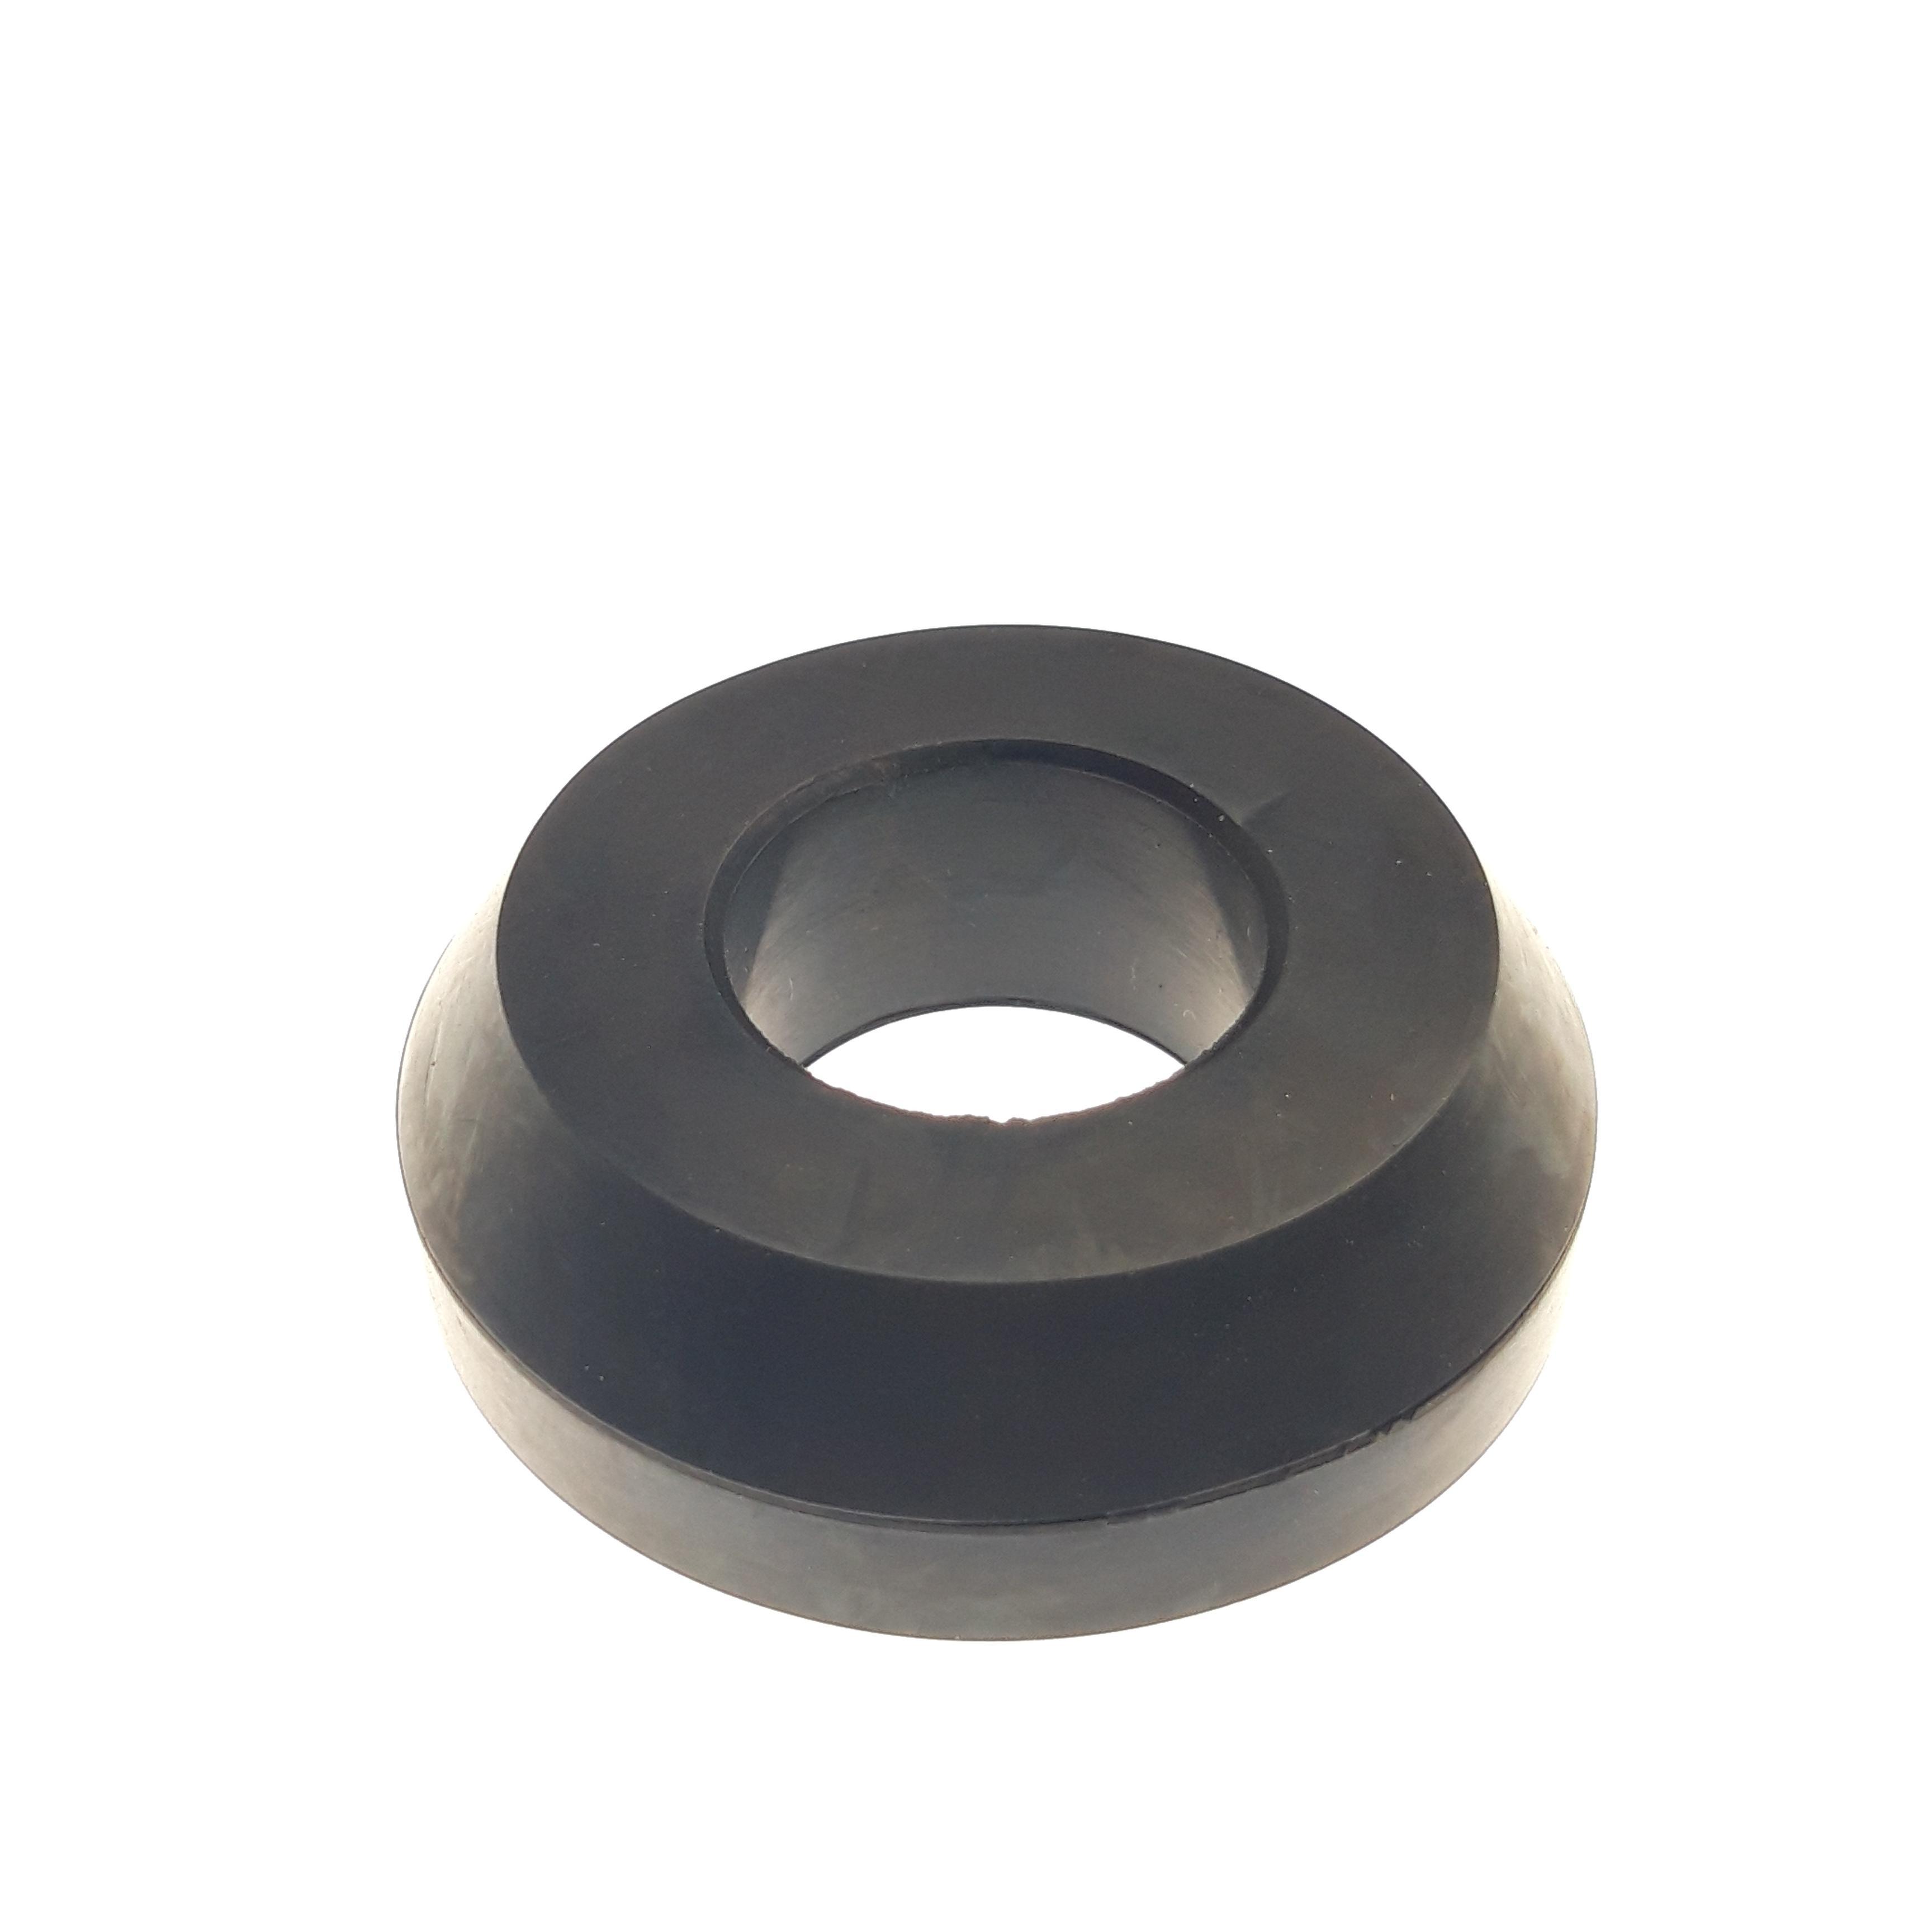 Bumper: B/O (o .875 Shaft, .600 TLG) 80A NBR Rubber